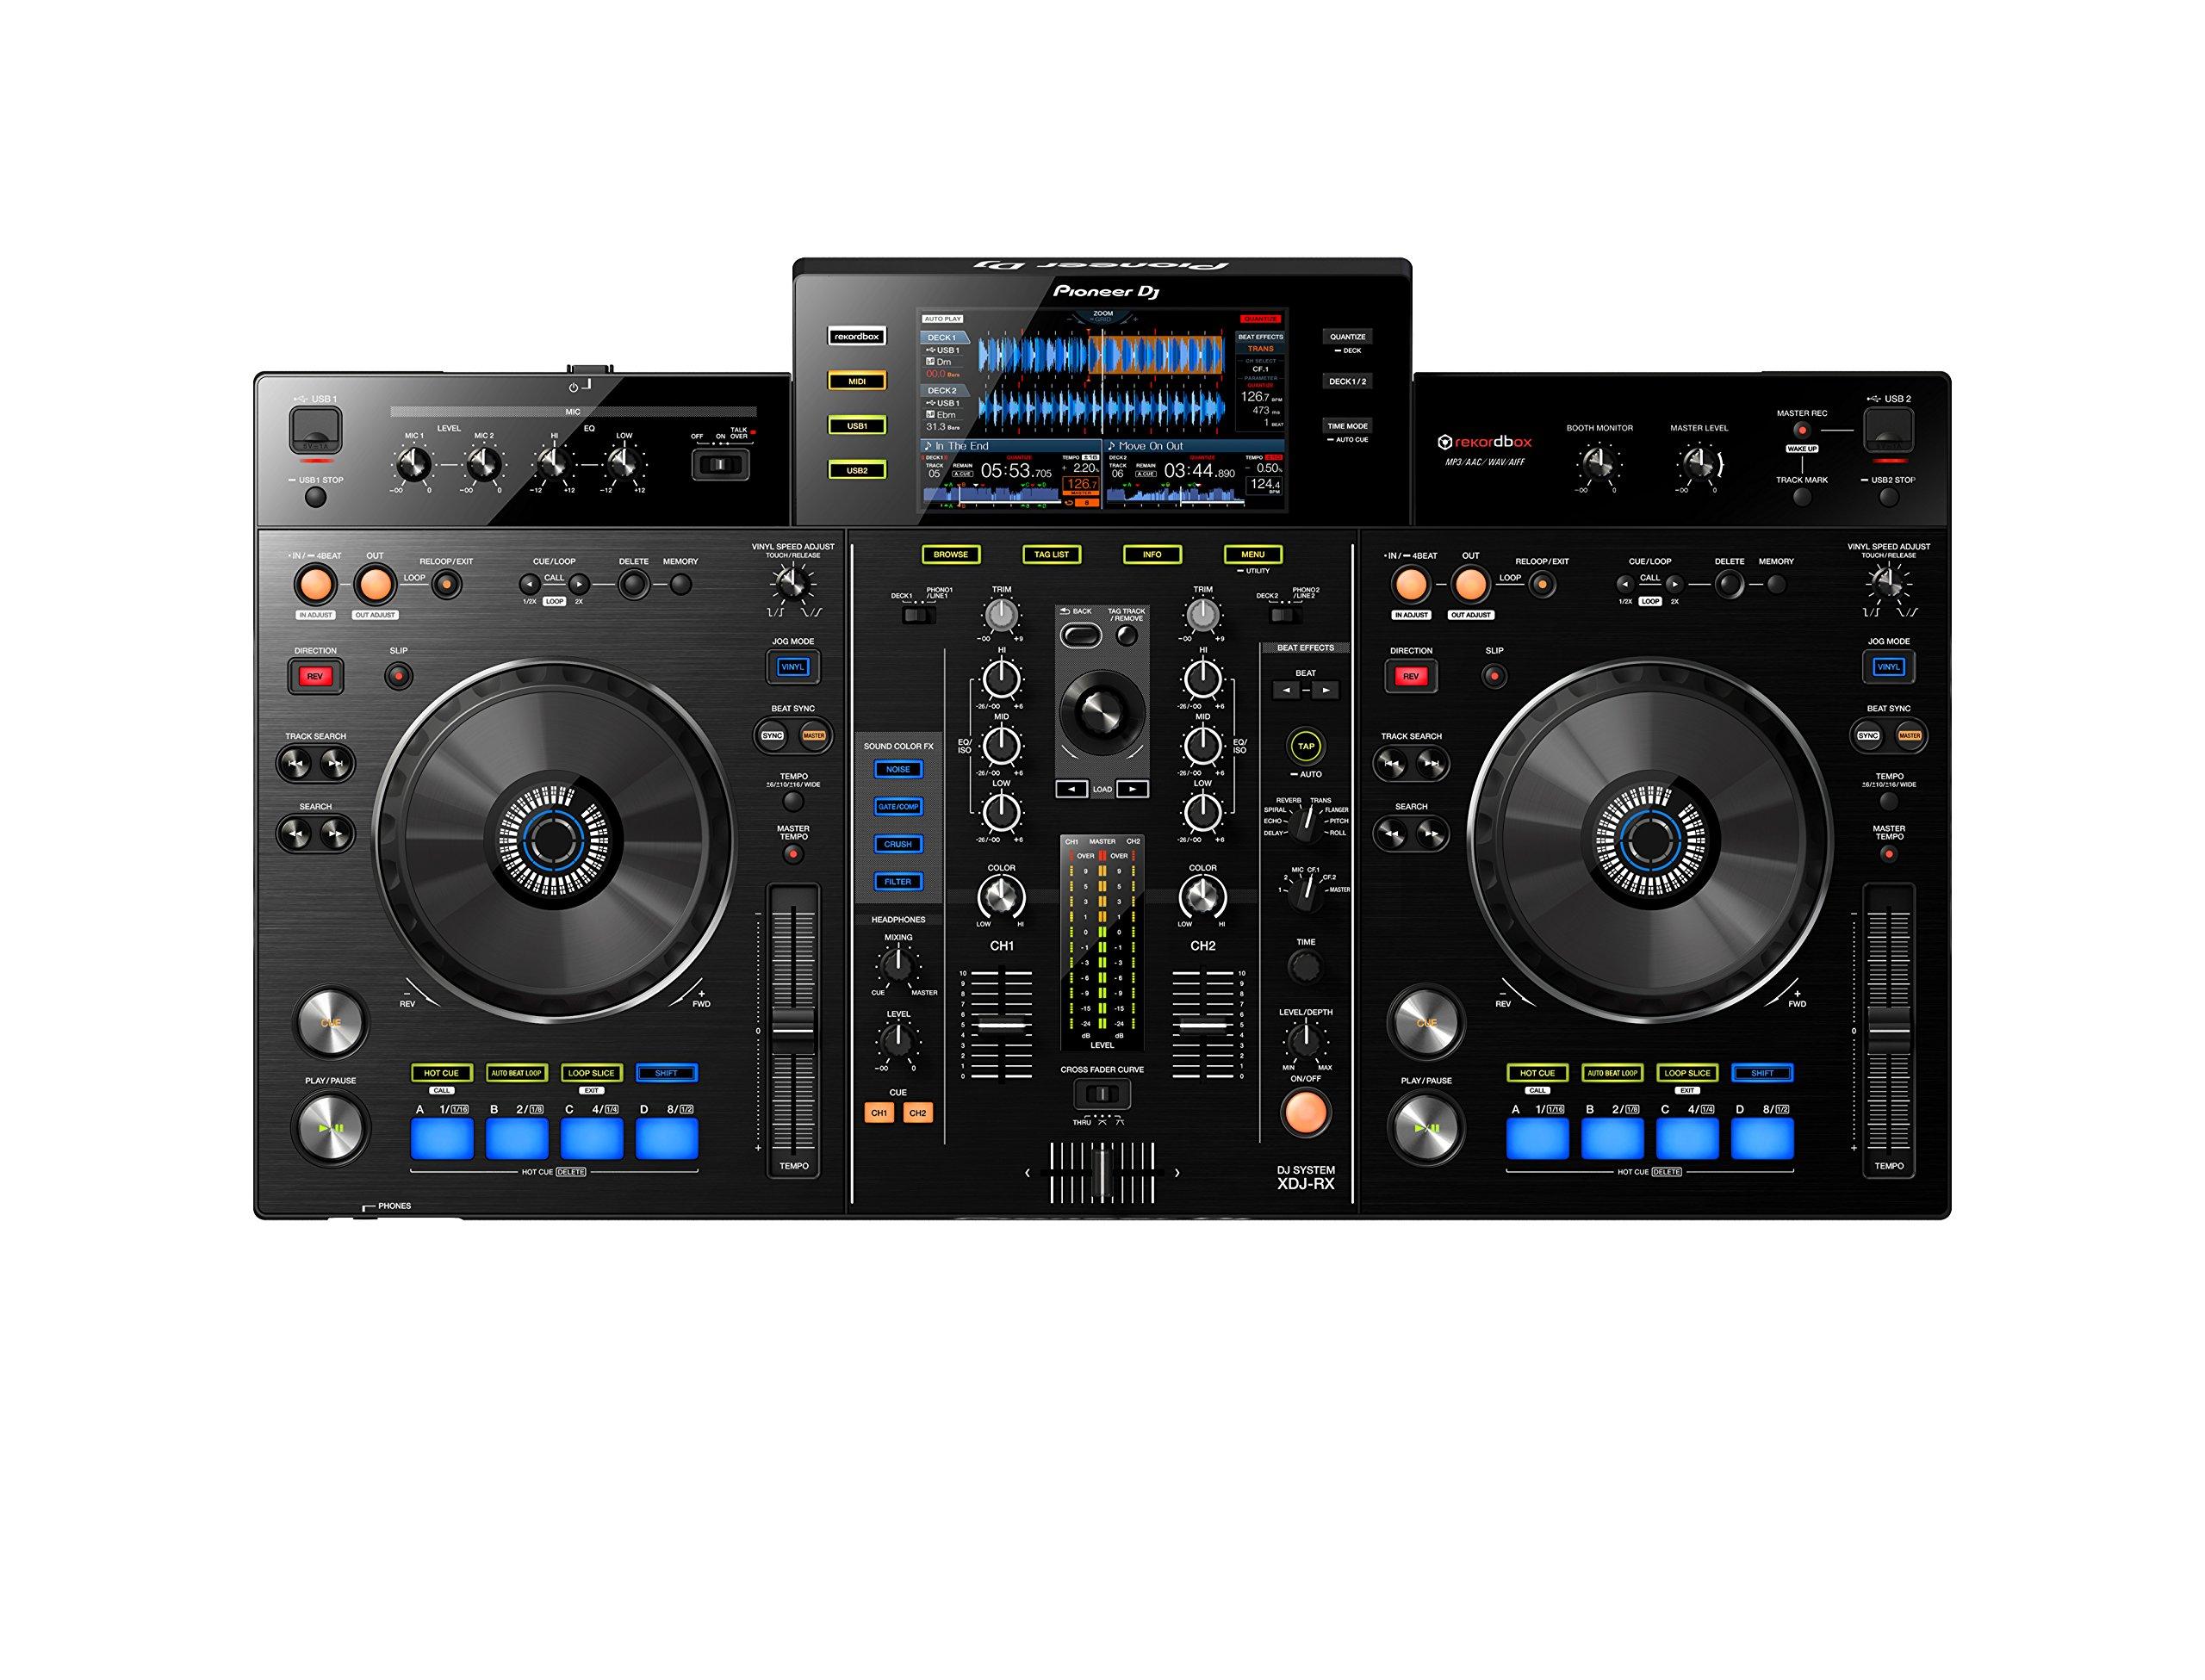 Pioneer-Pro-DJ-XDJ-RX-System